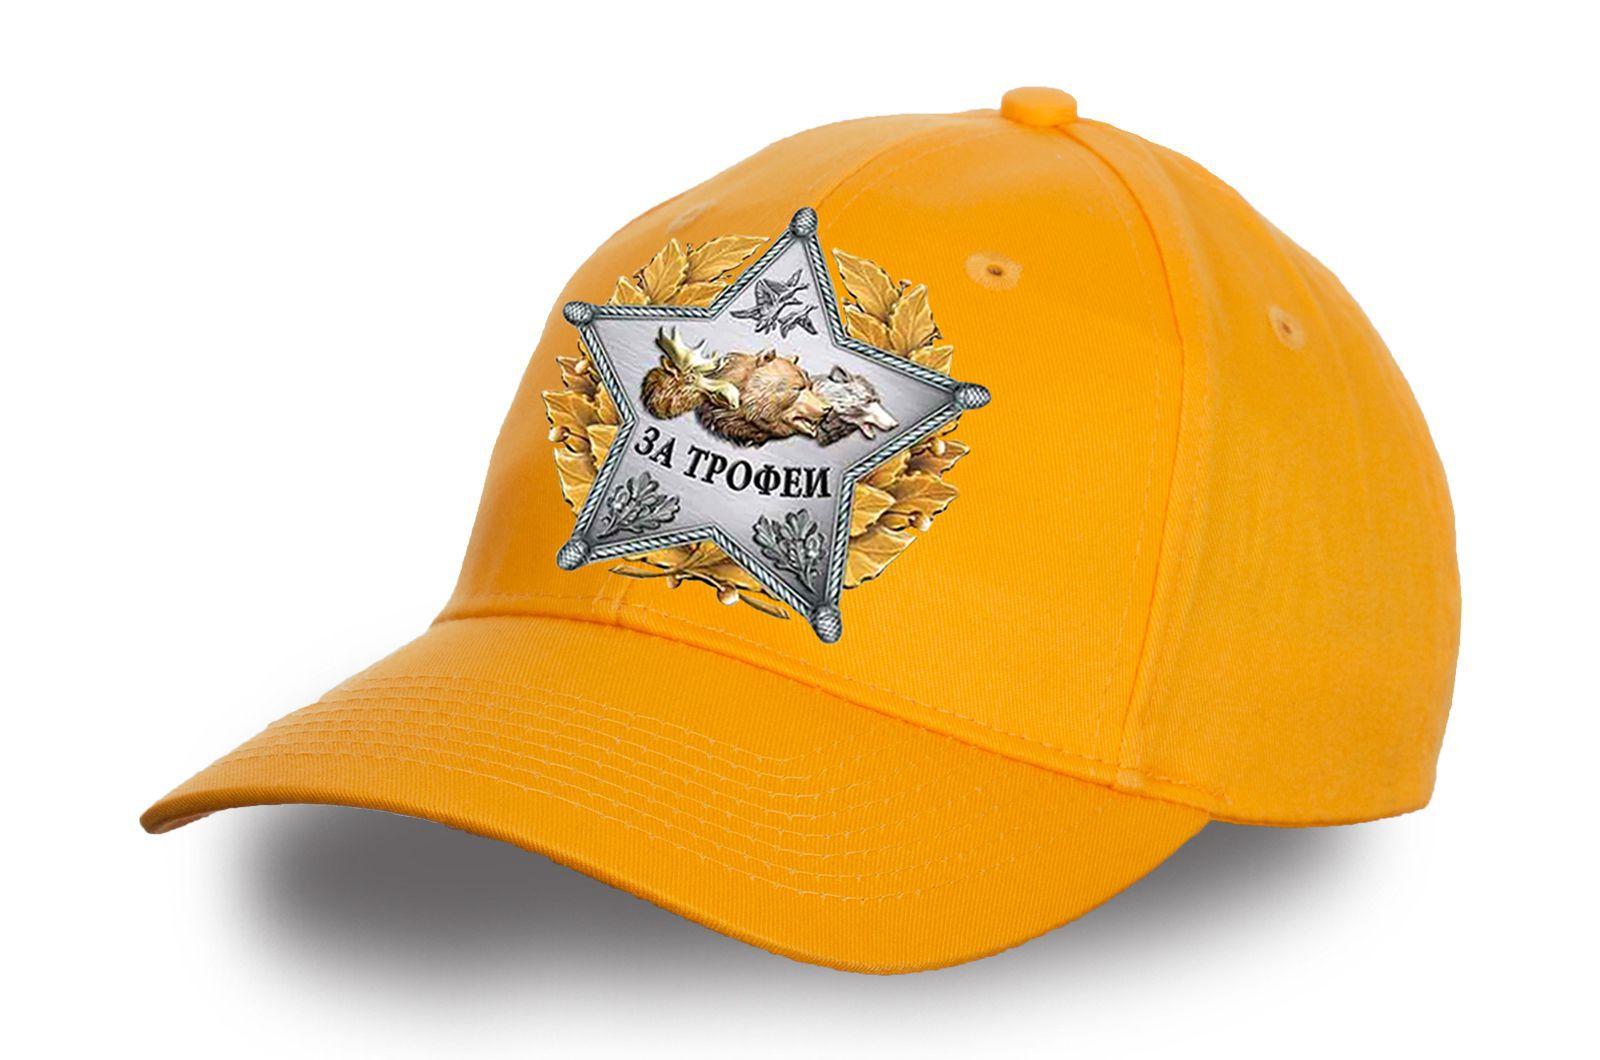 Желтая кепка со звездой охотника - купить по низкой цене